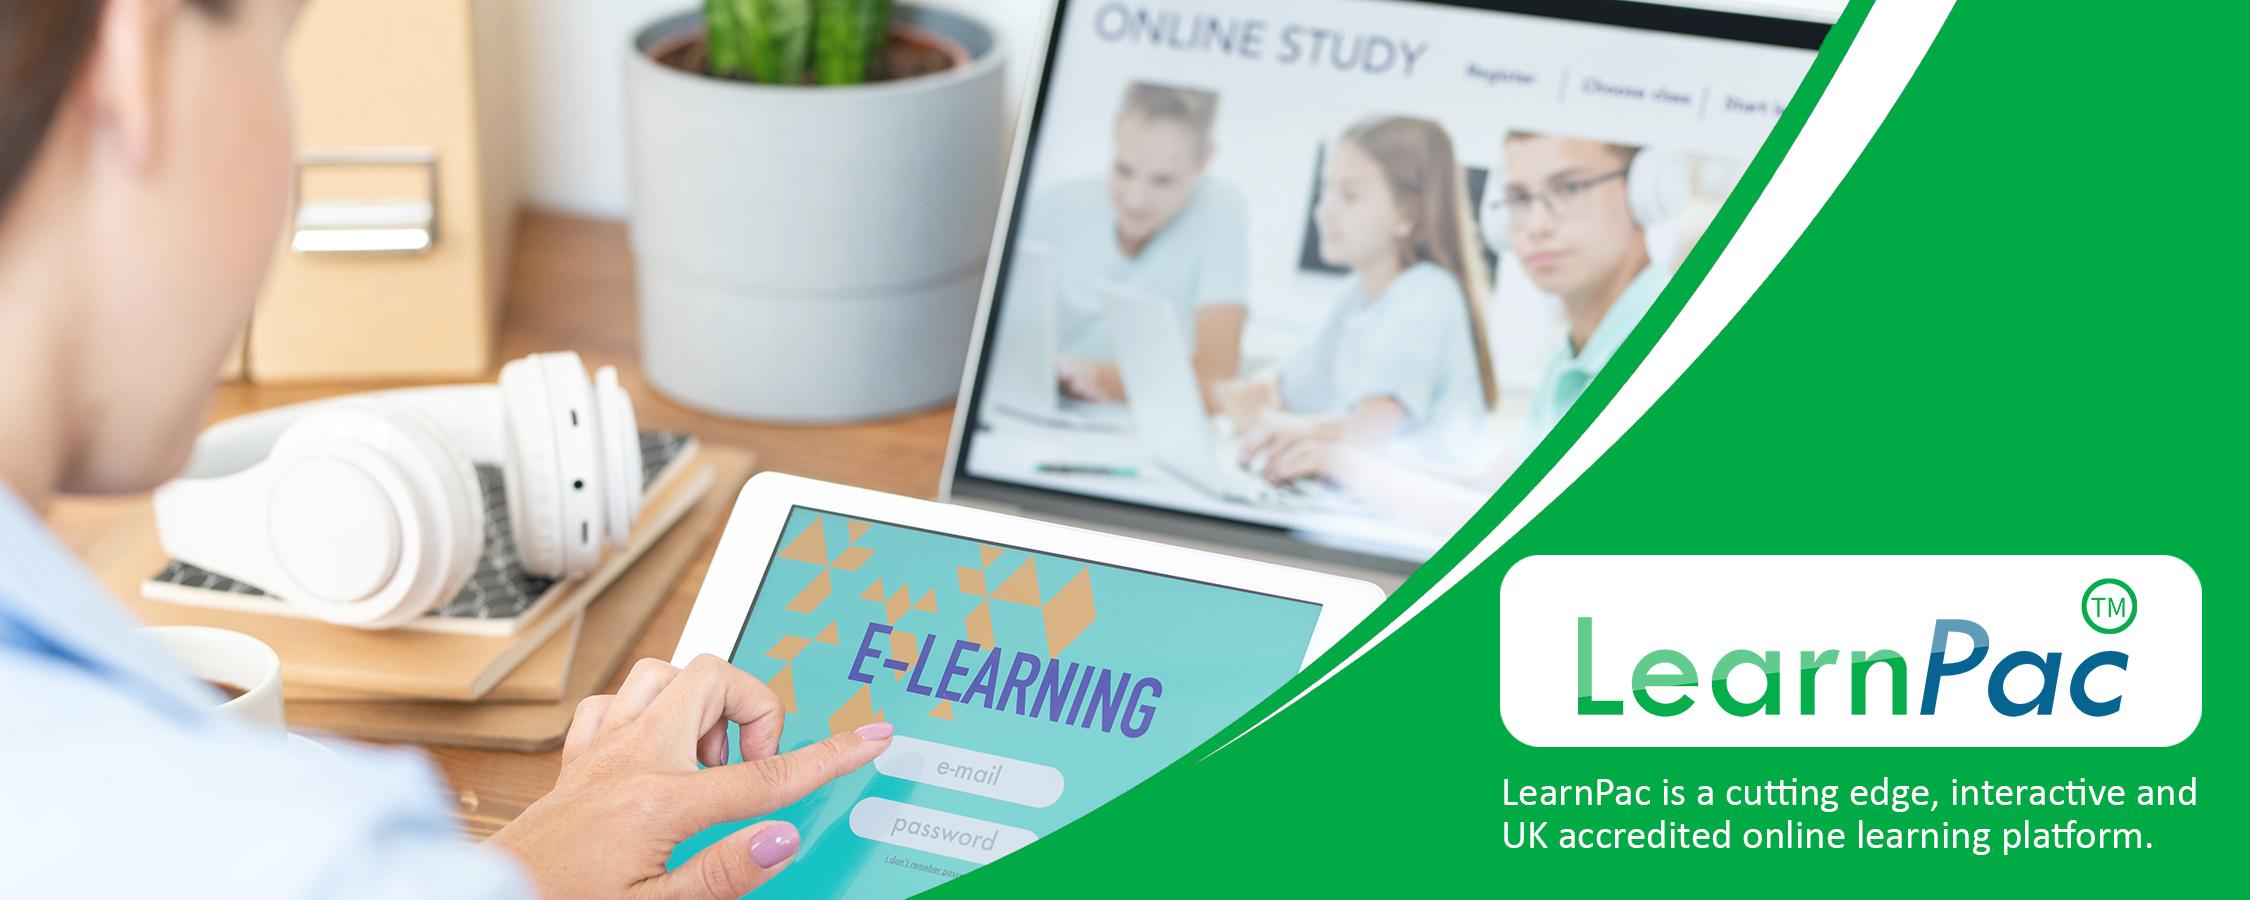 Social Media Marketing Training - Online Learning Courses - E-Learning Courses - LearnPac Systems UK -